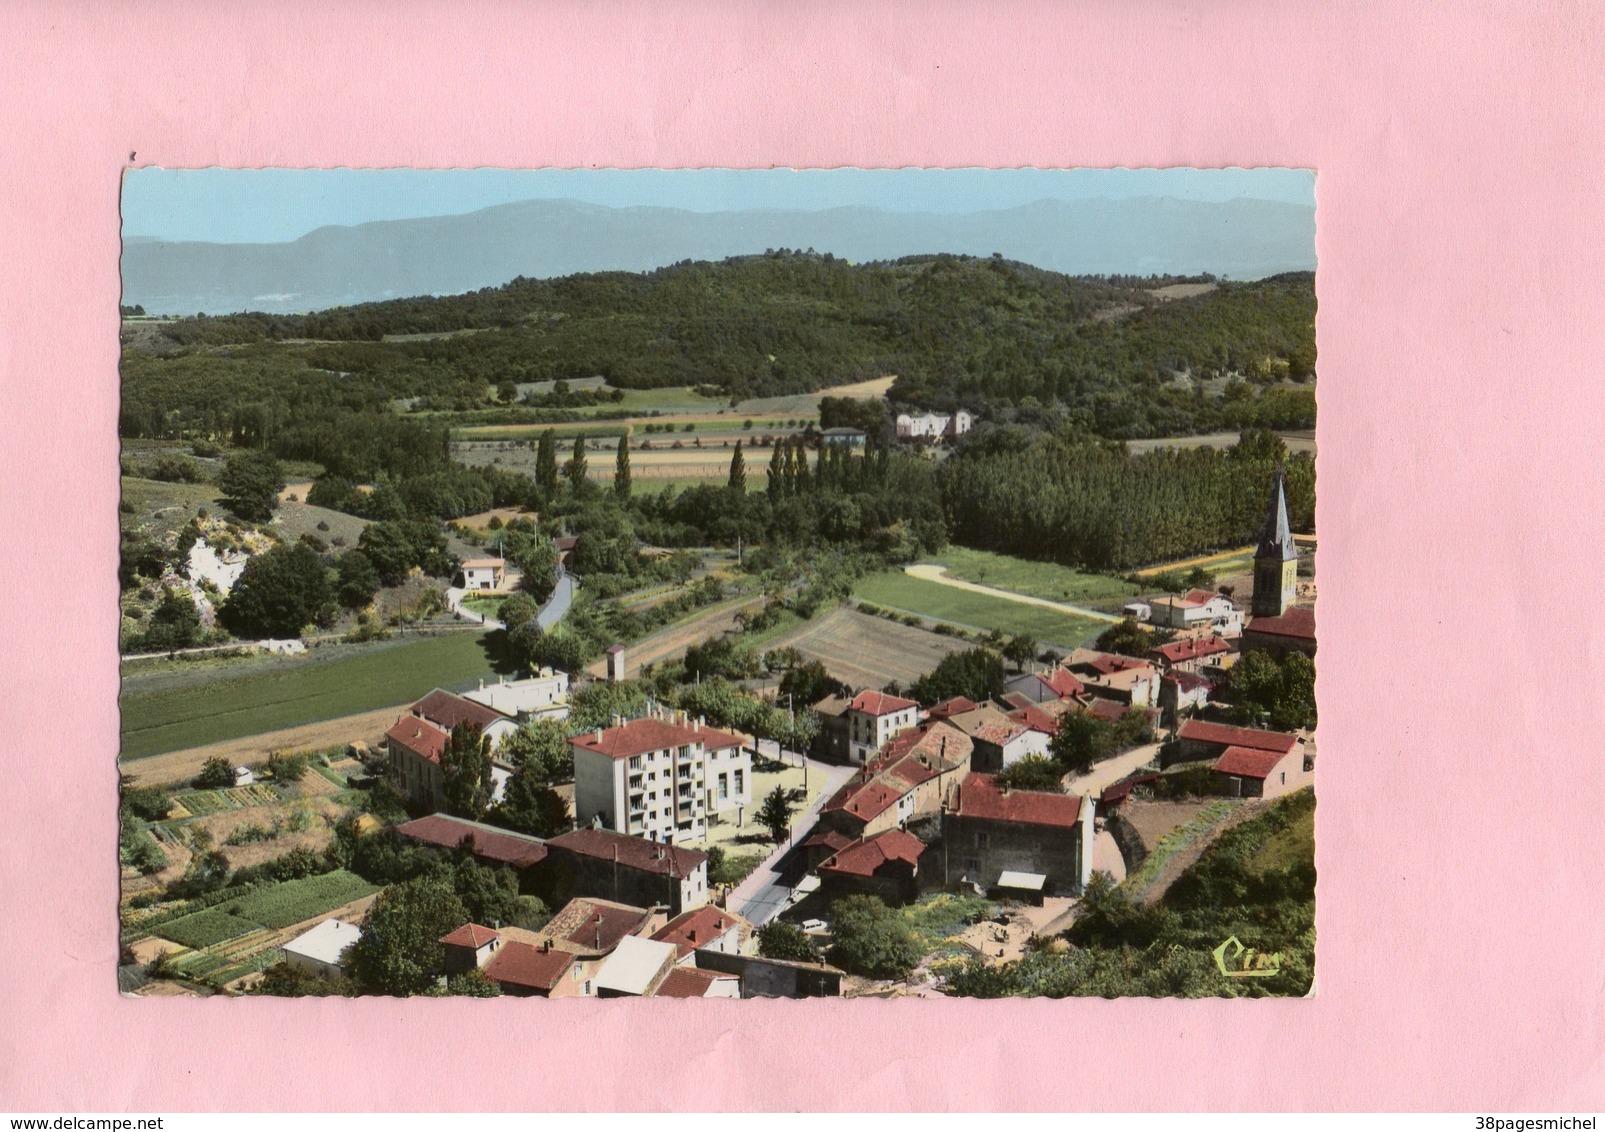 Carte Postale - PEYRINS - D26 - Vue Générale Aérienne - Autres Communes